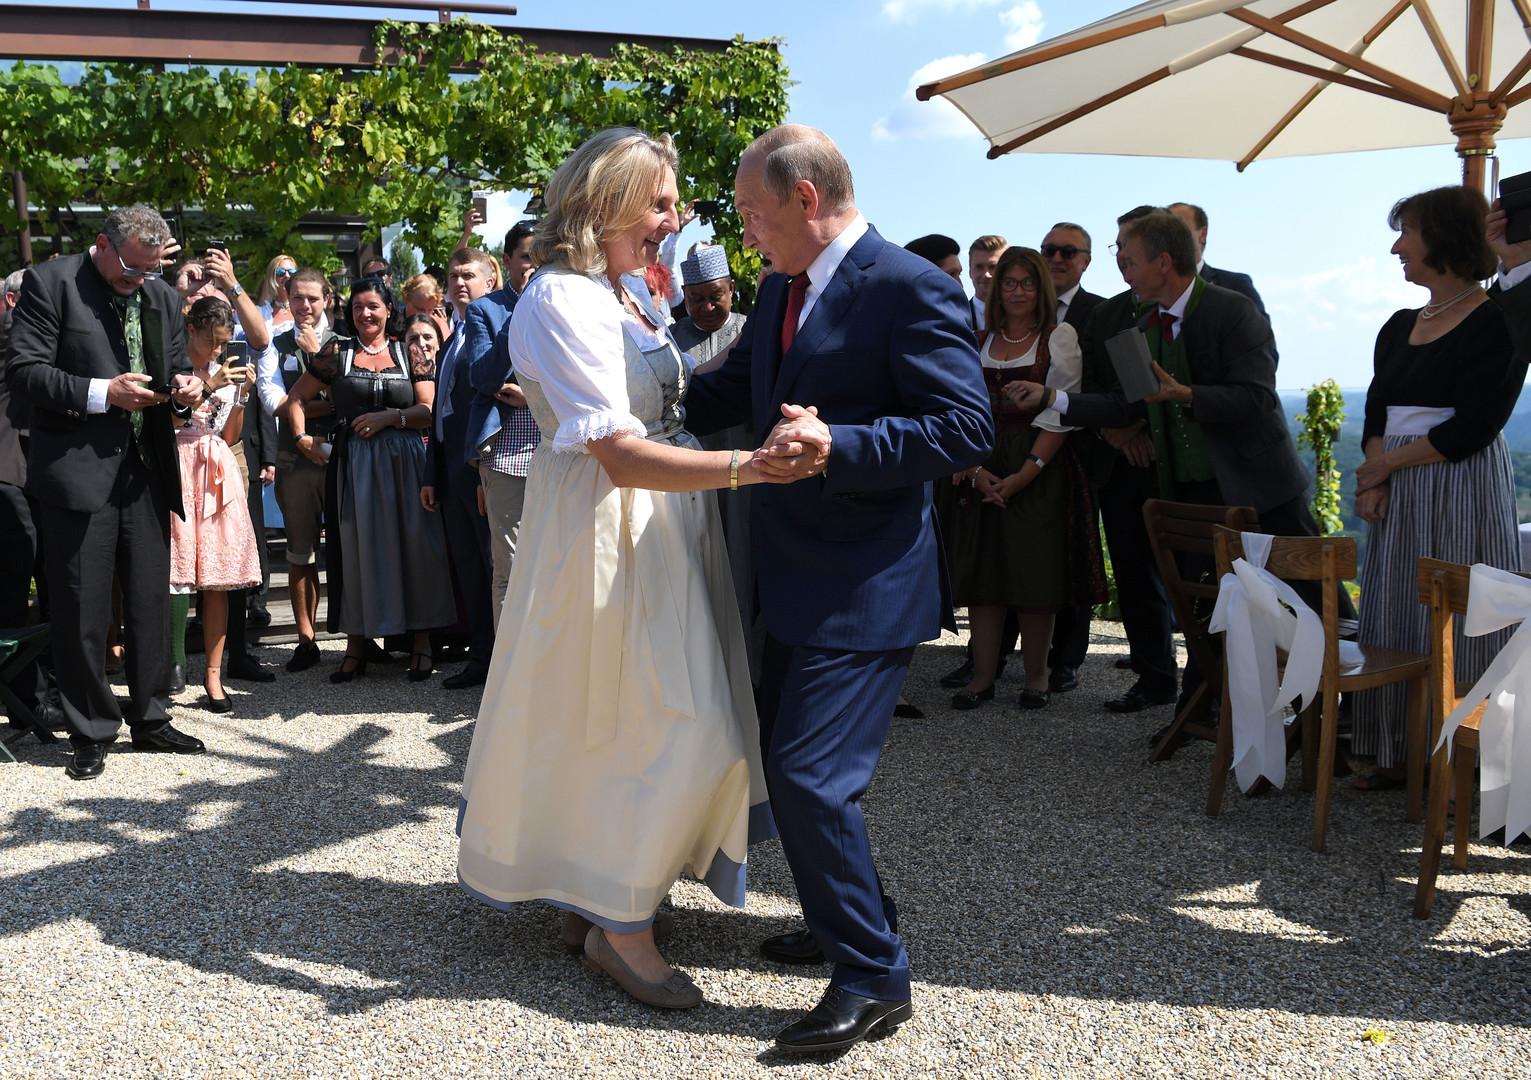 Hochzeitstanz mit Wladimir Putin